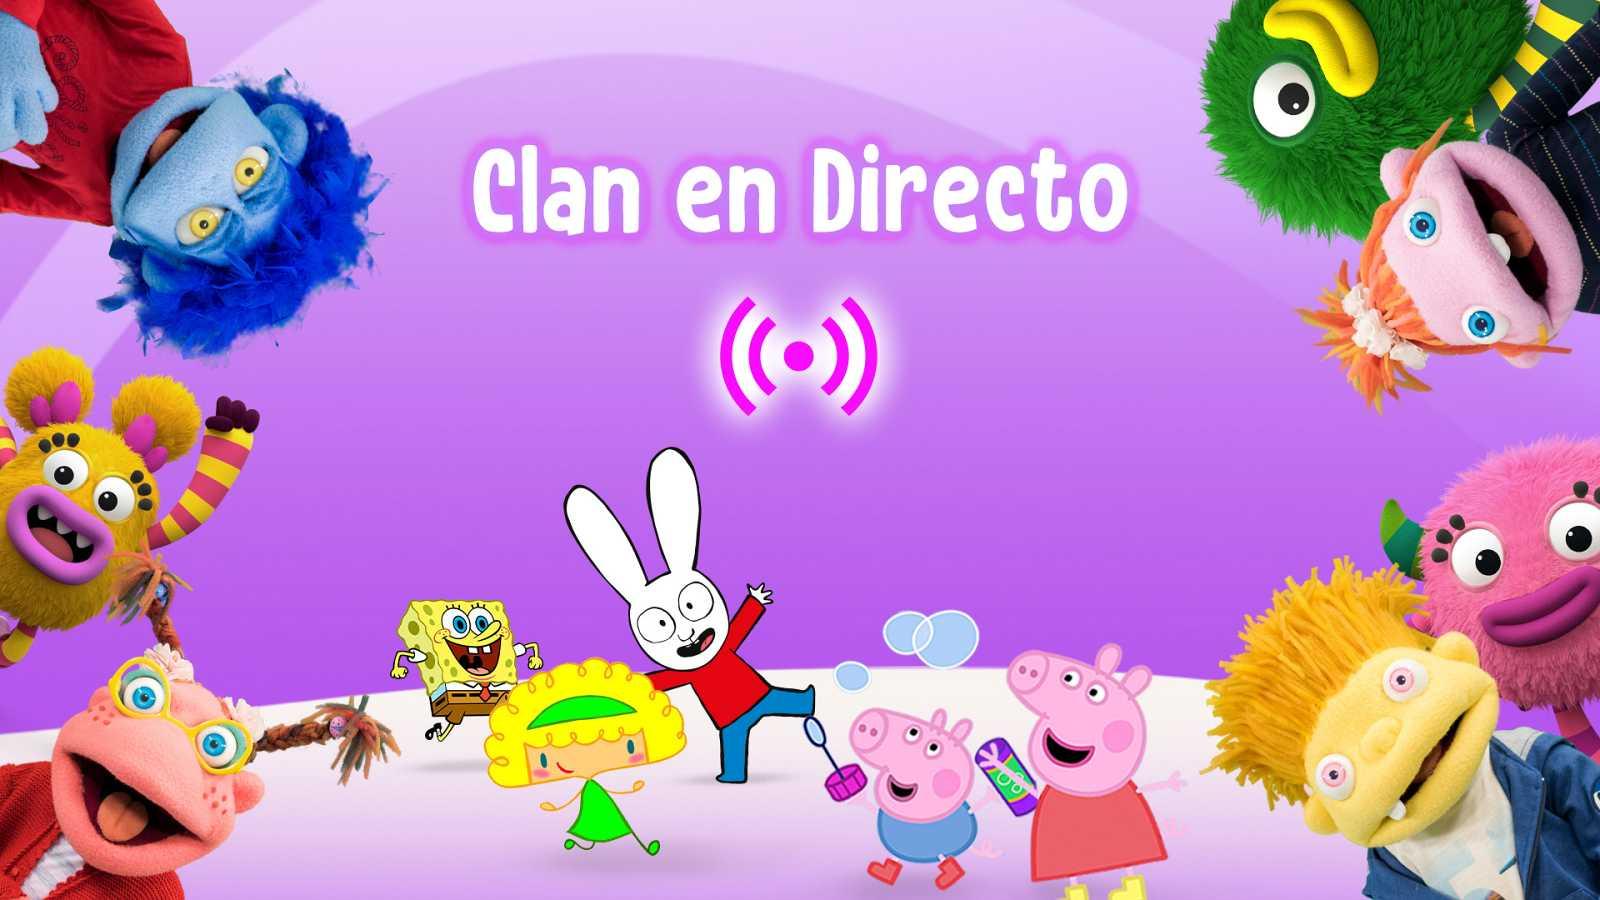 Sigue ya en directo tus programas favoritos de Clan